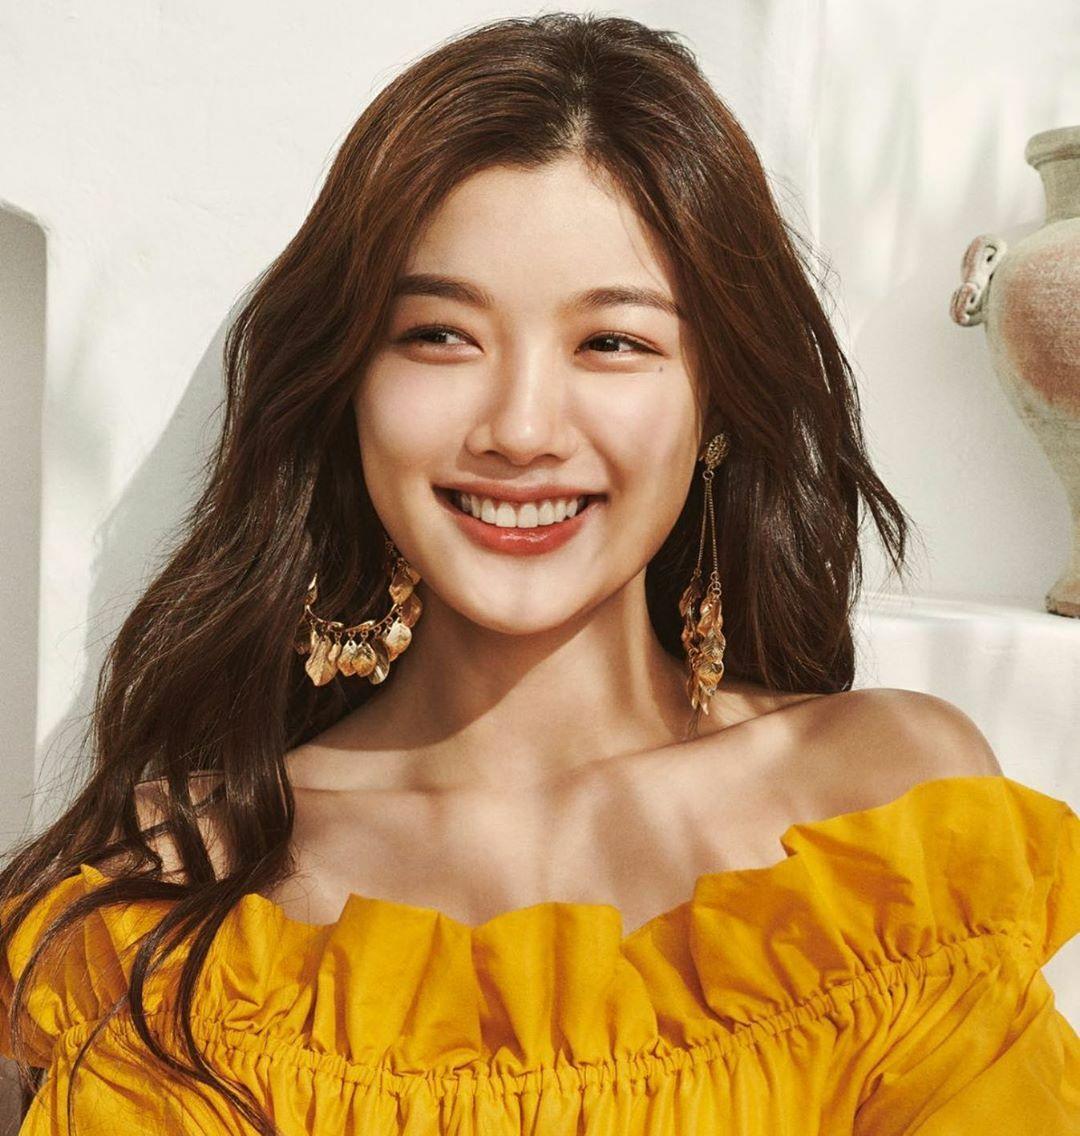 Sao nhí Kim Yoo Jung khoe nhan sắc rạng rỡ tuổi 21.